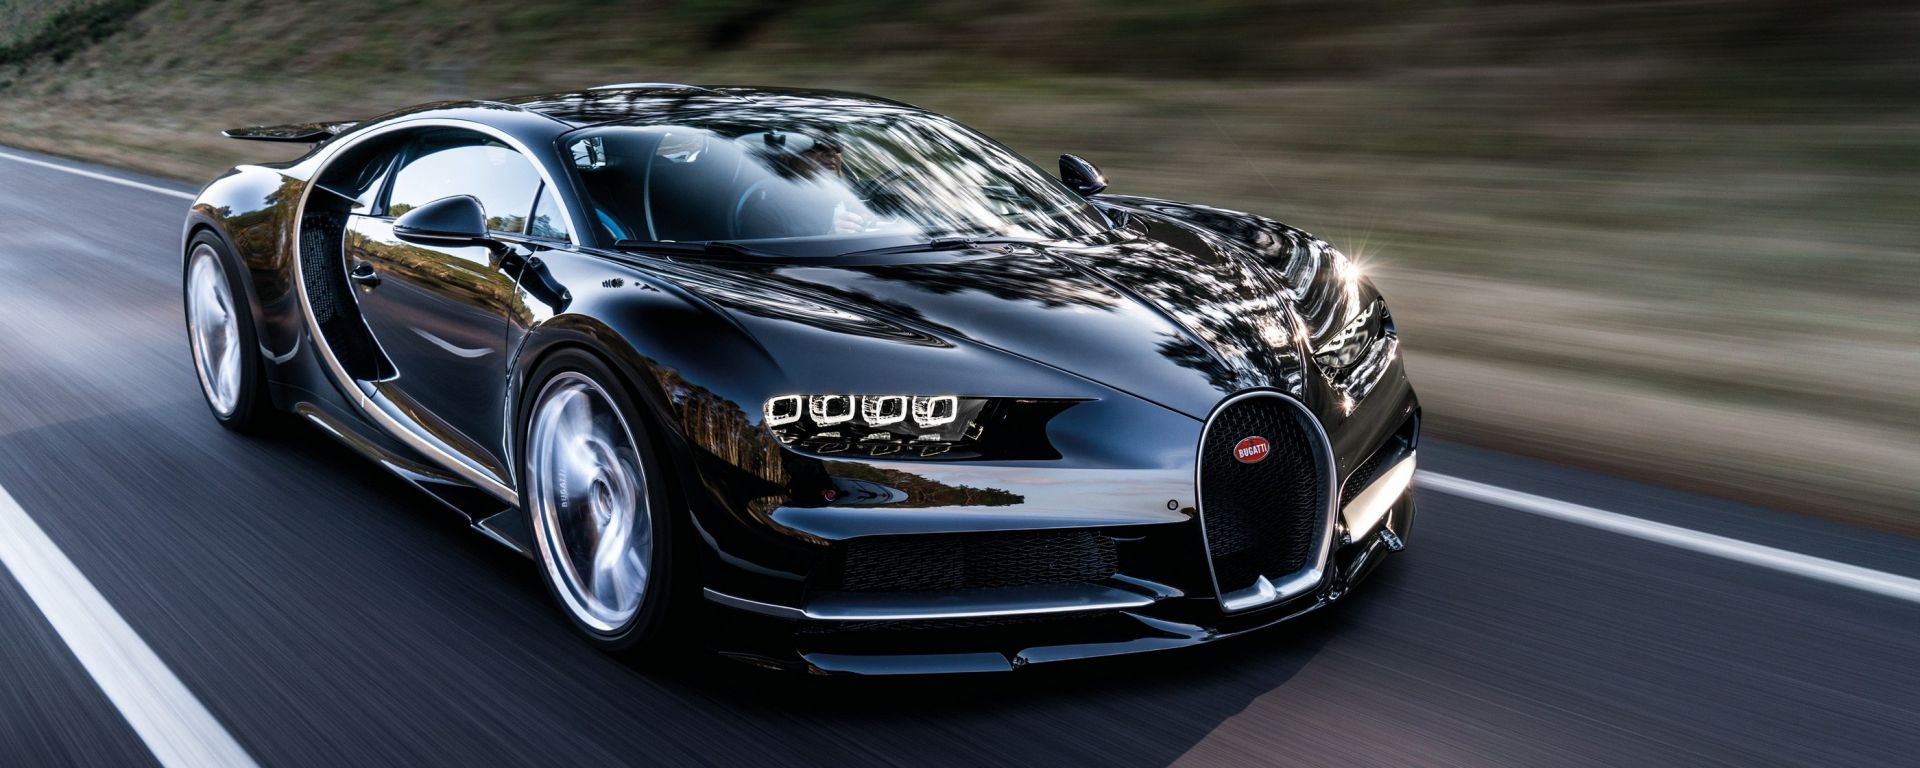 Bugatti Chiron: via libera al sistema ibrido per aumentare la potenza